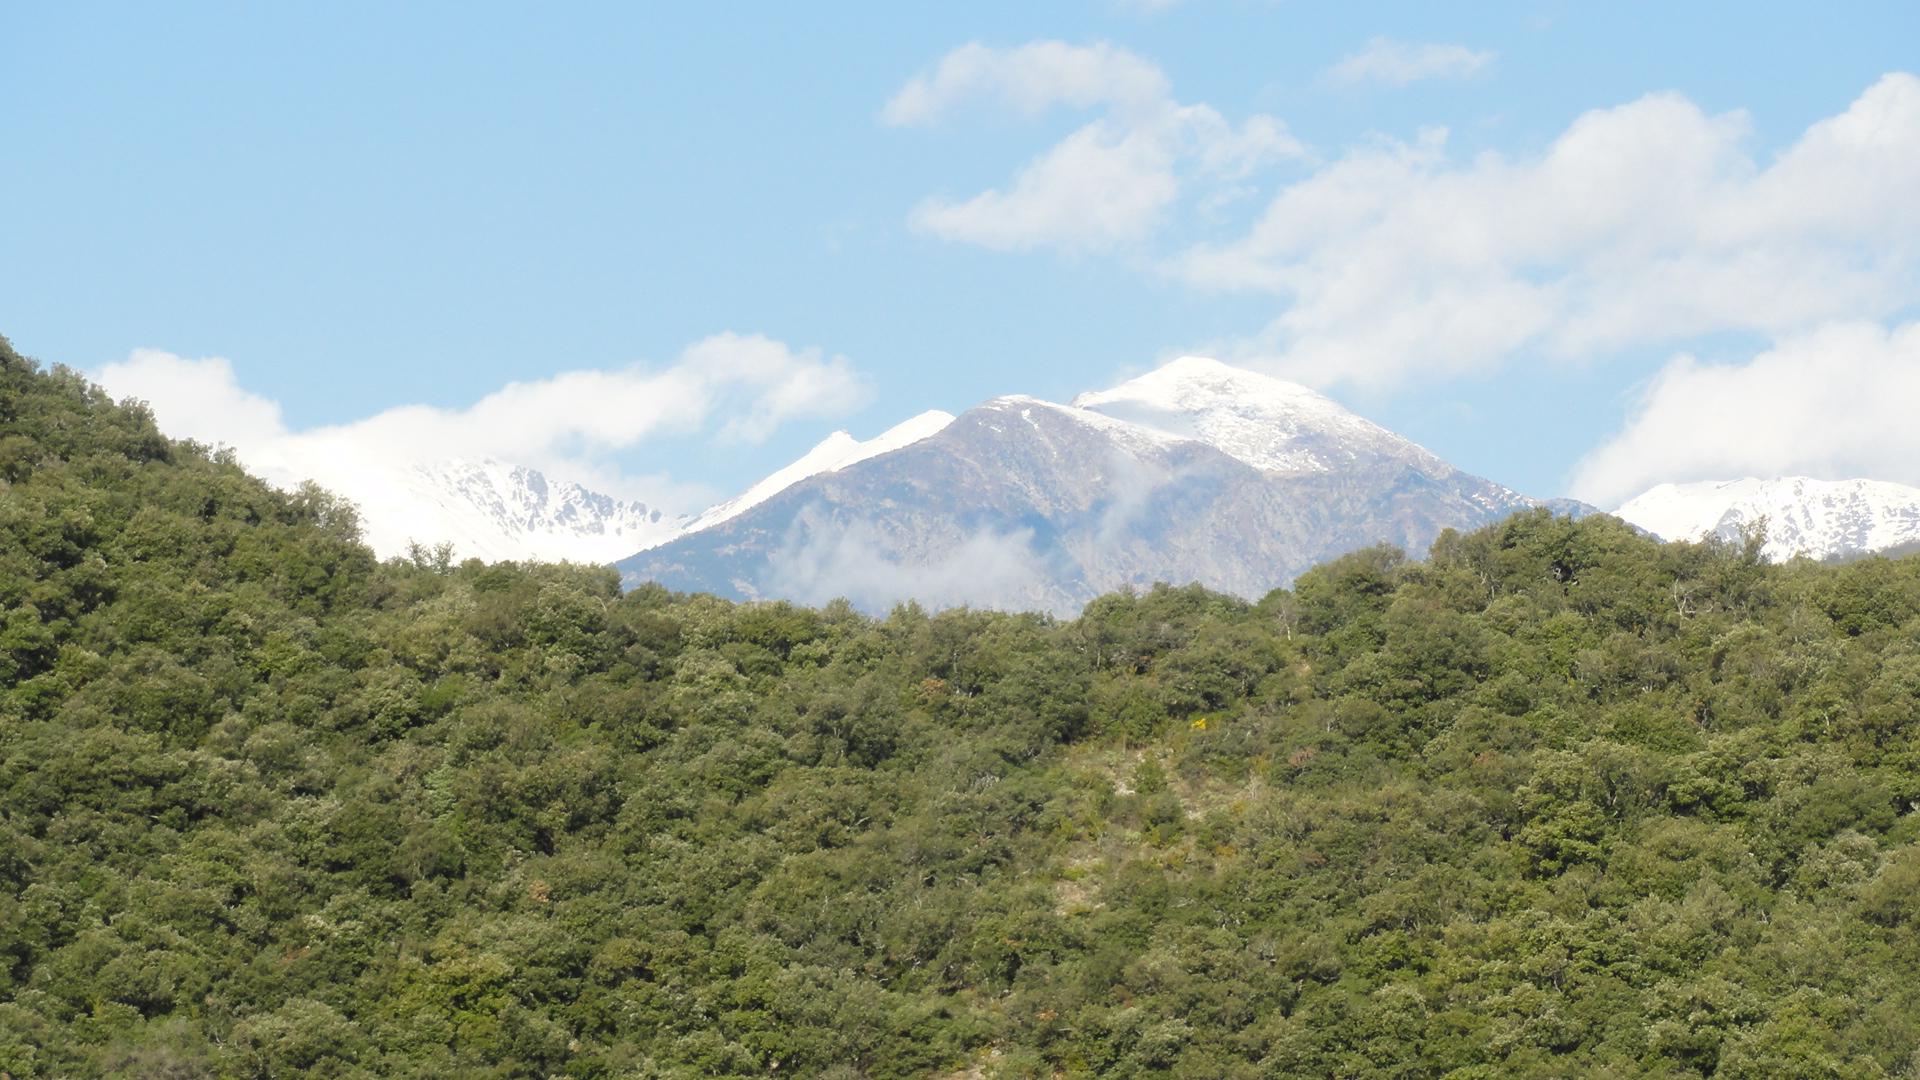 Le Canigou enneigé vu depuis les falaises